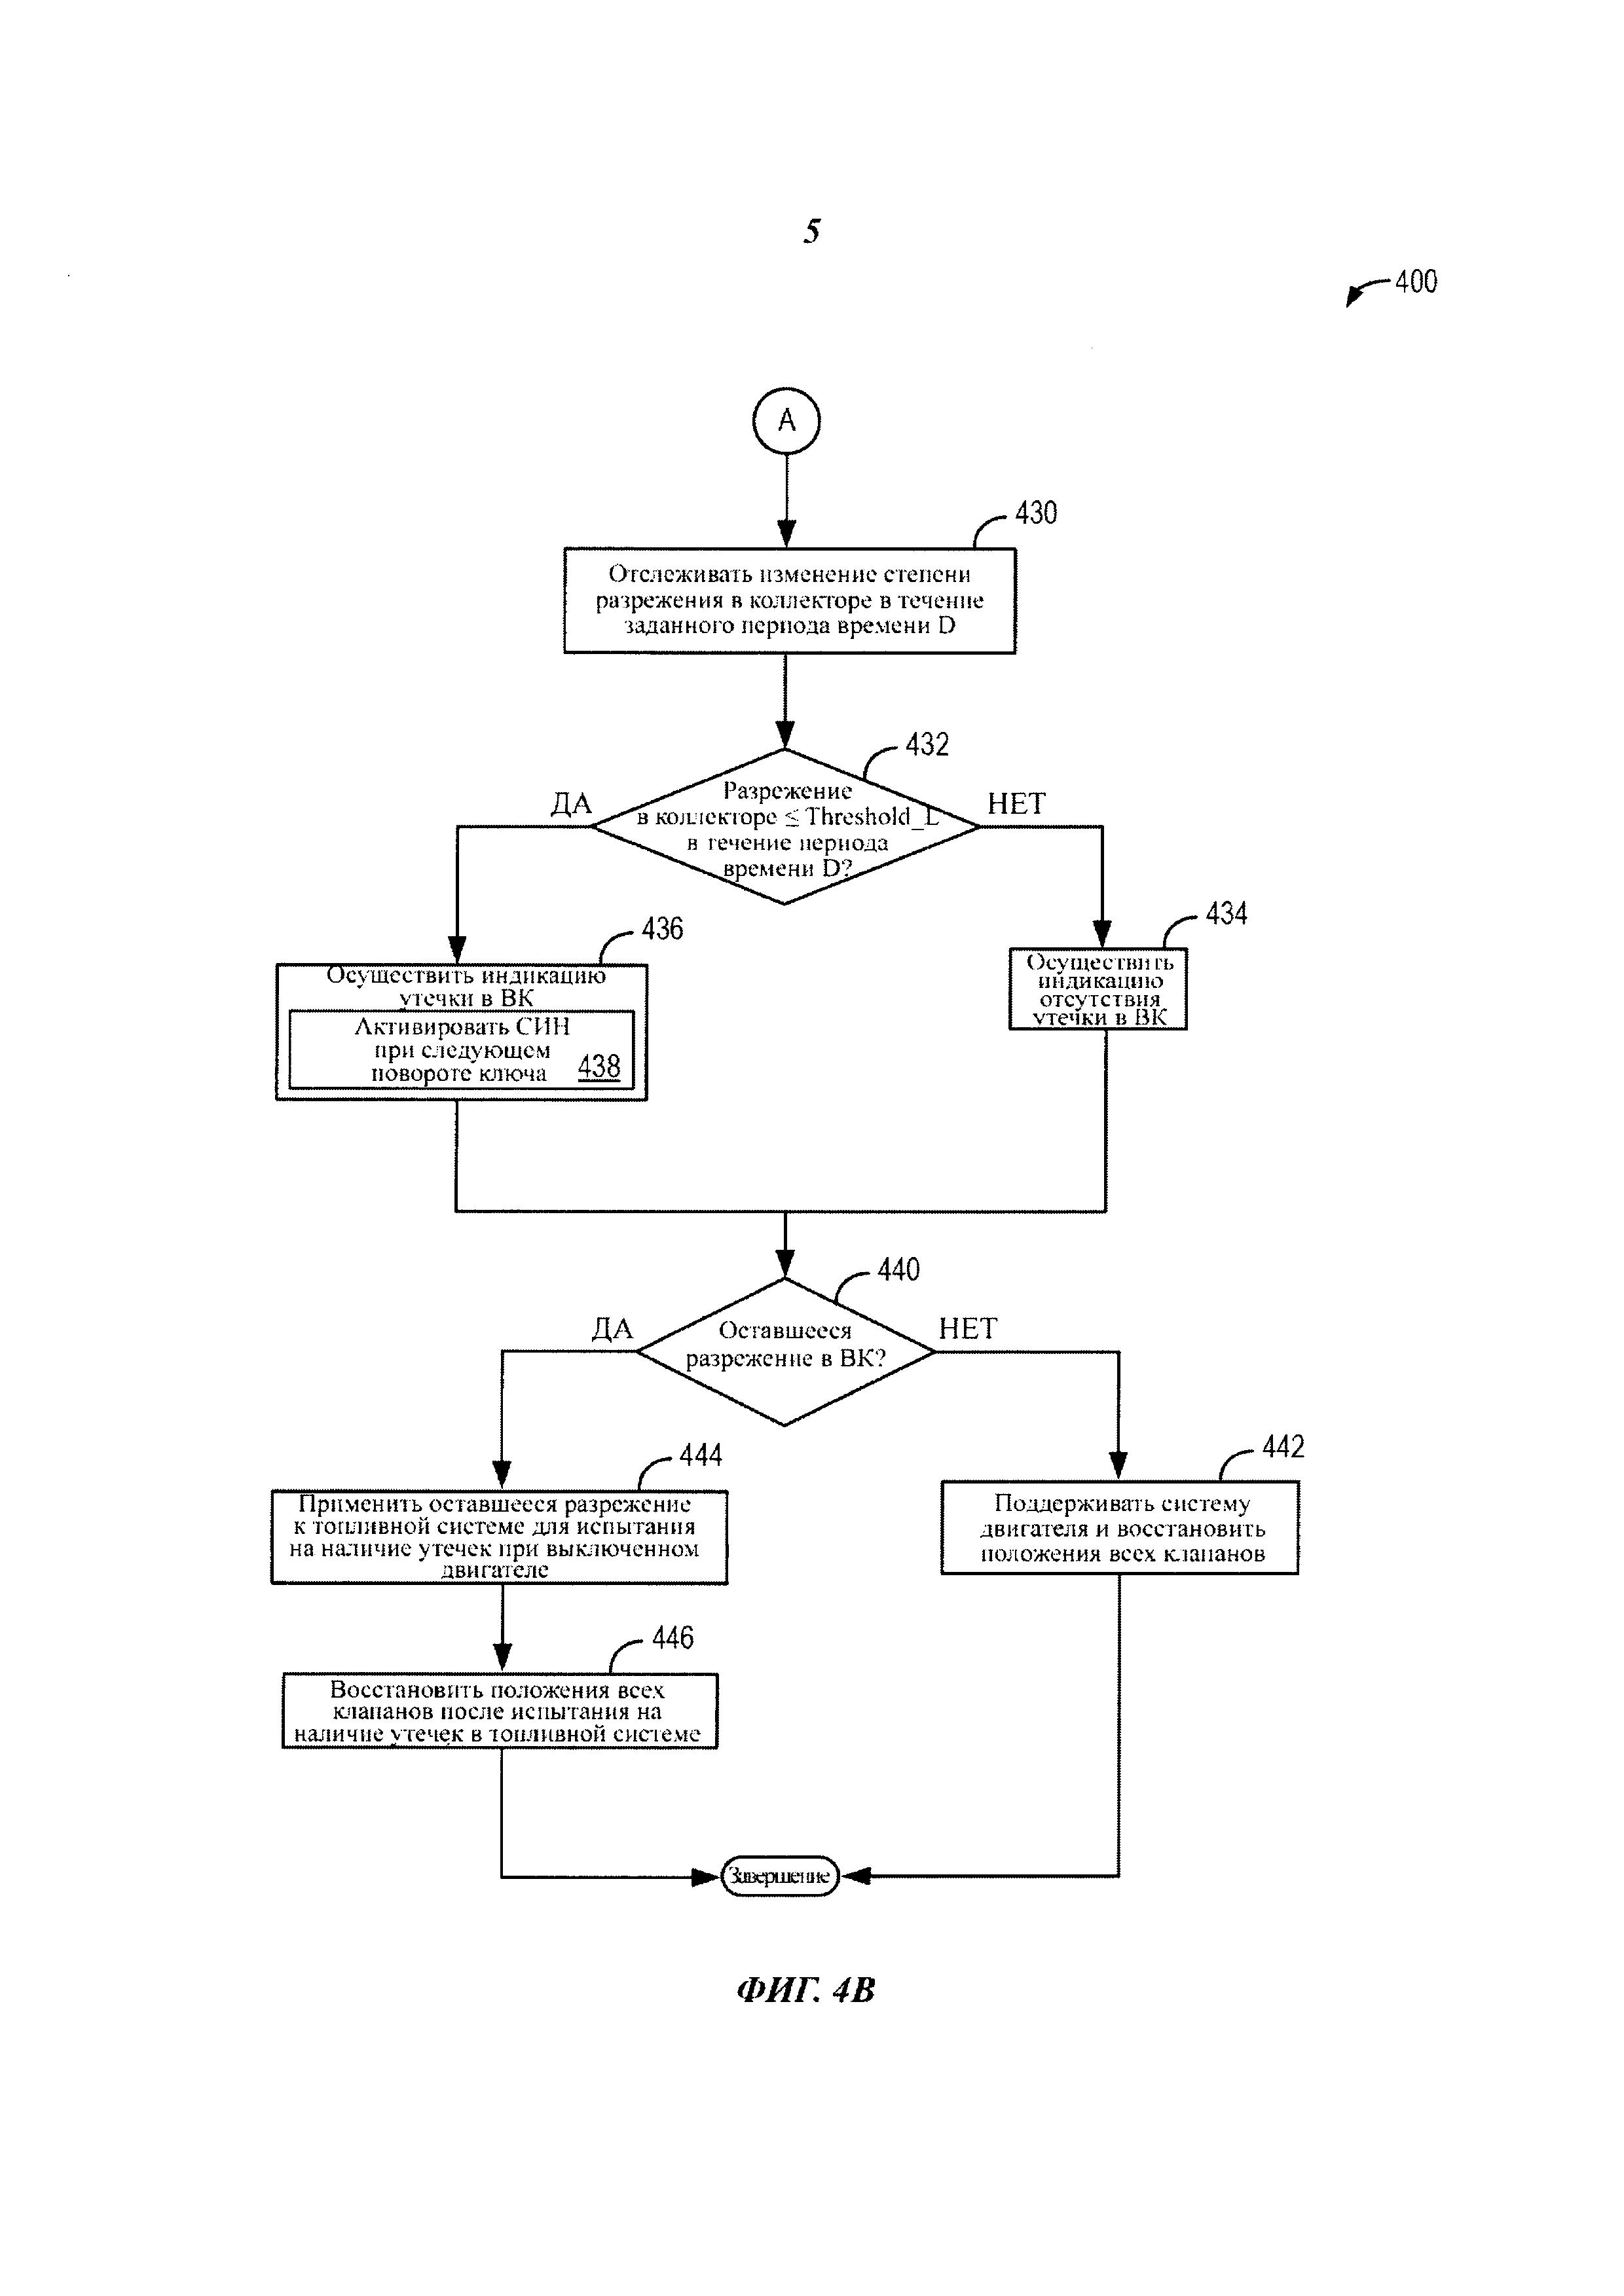 Способ (варианты) и система для обнаружения утечек во впускном коллекторе